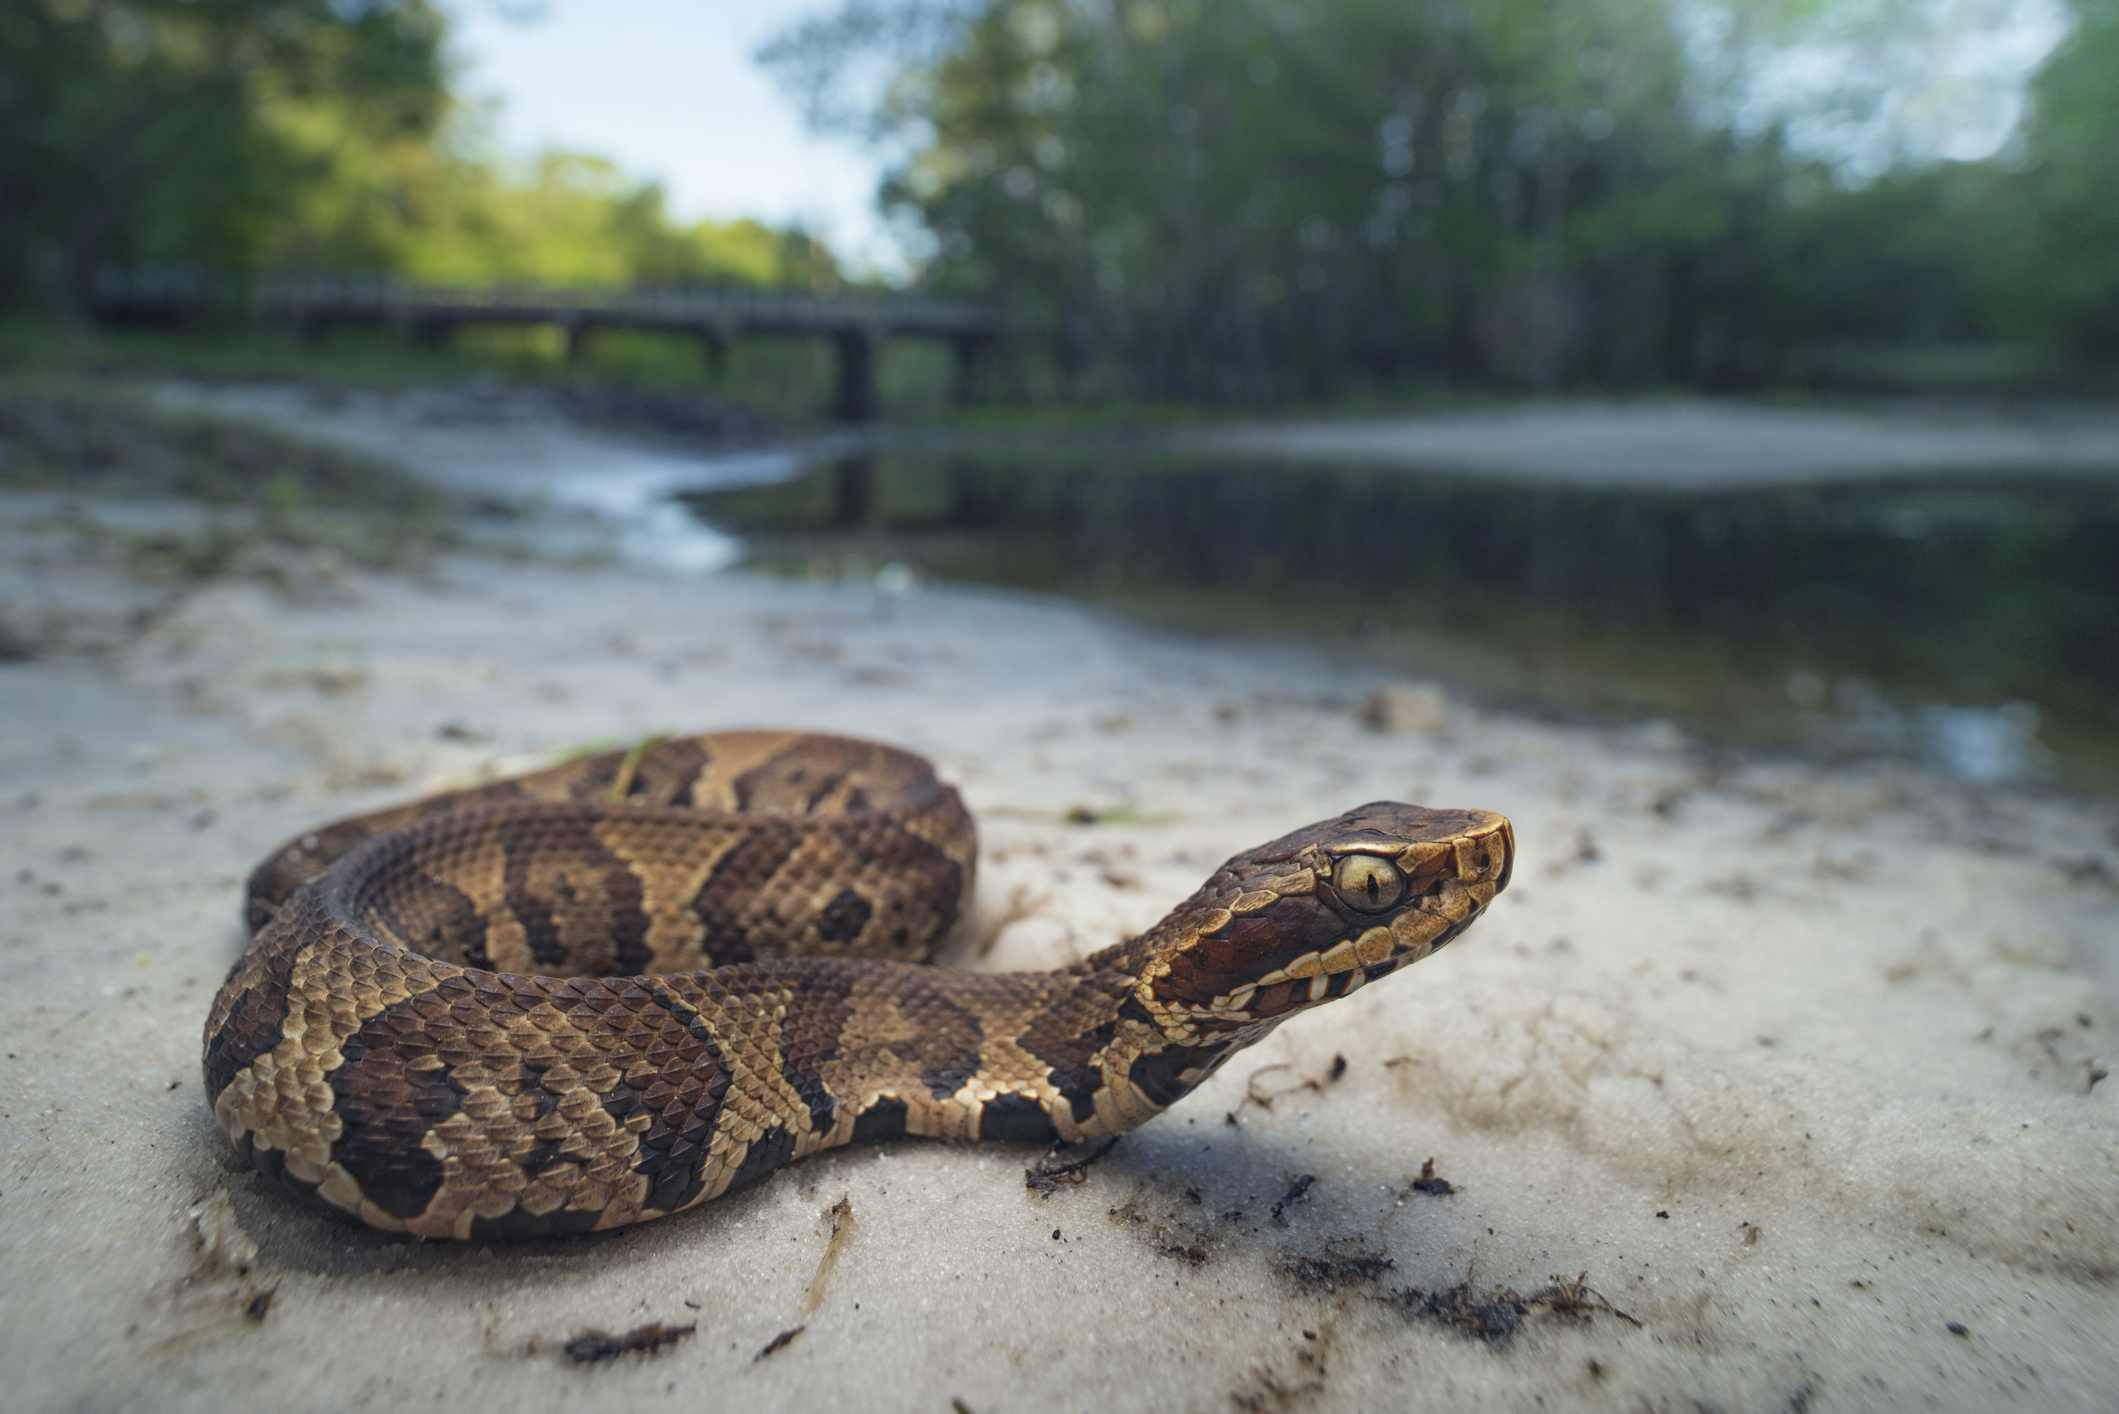 Juvenile cottonmouth snake (Agkistrodon piscivorus), Florida, America, USA